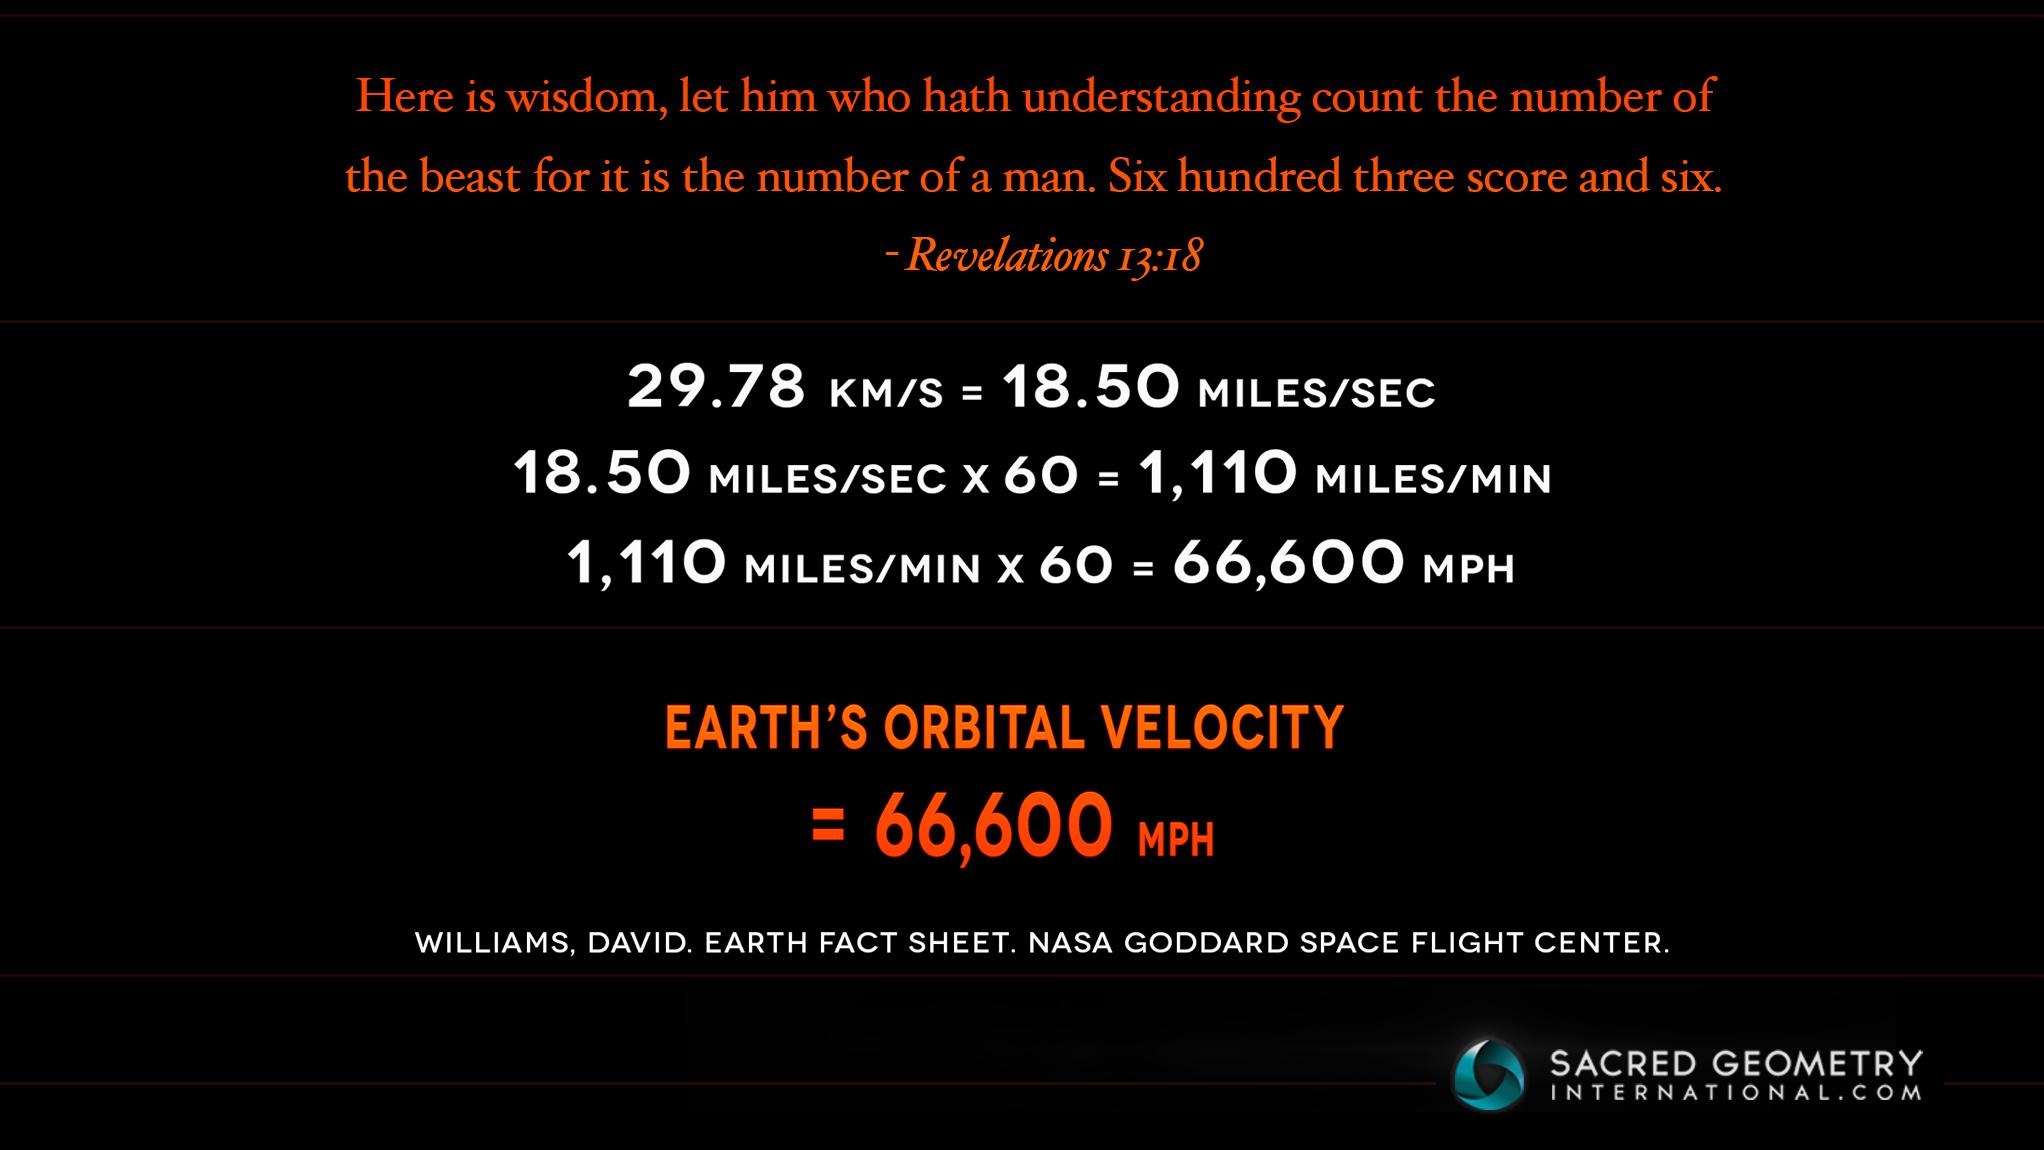 SGI_666_Meme_Orbital_Velocity sacred geometry international sgi memeplex sacred geometry and,Geometry Memes